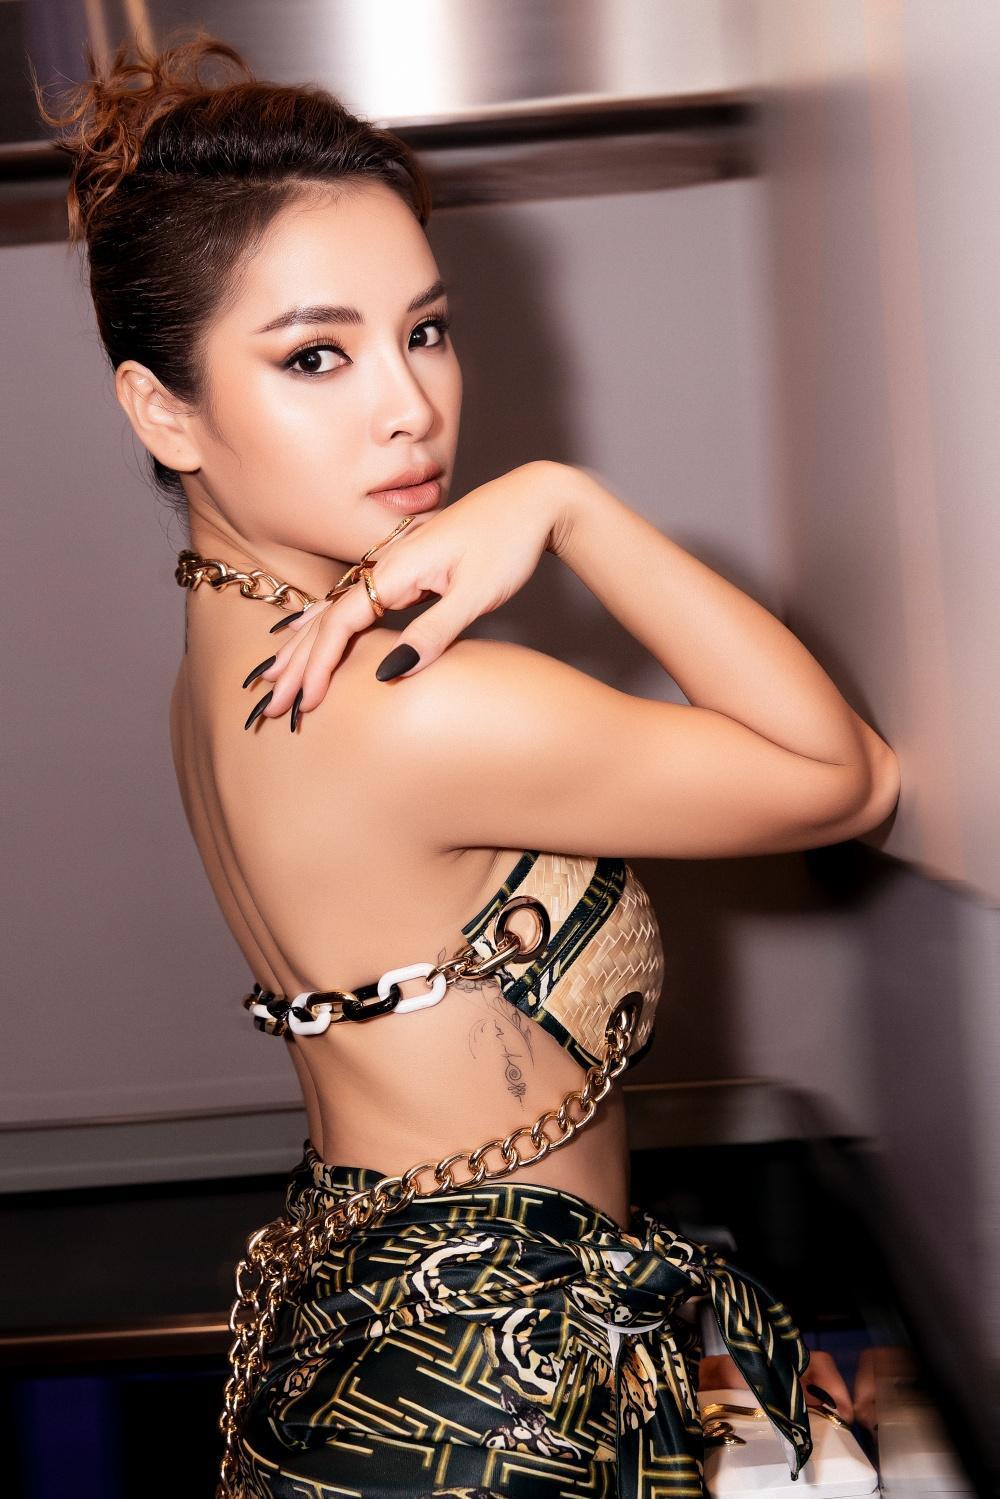 Phương Trinh Jolie hóa 'nữ thần rắn', quyến rũ hết nấc cùng áo không chút vải Ảnh 3